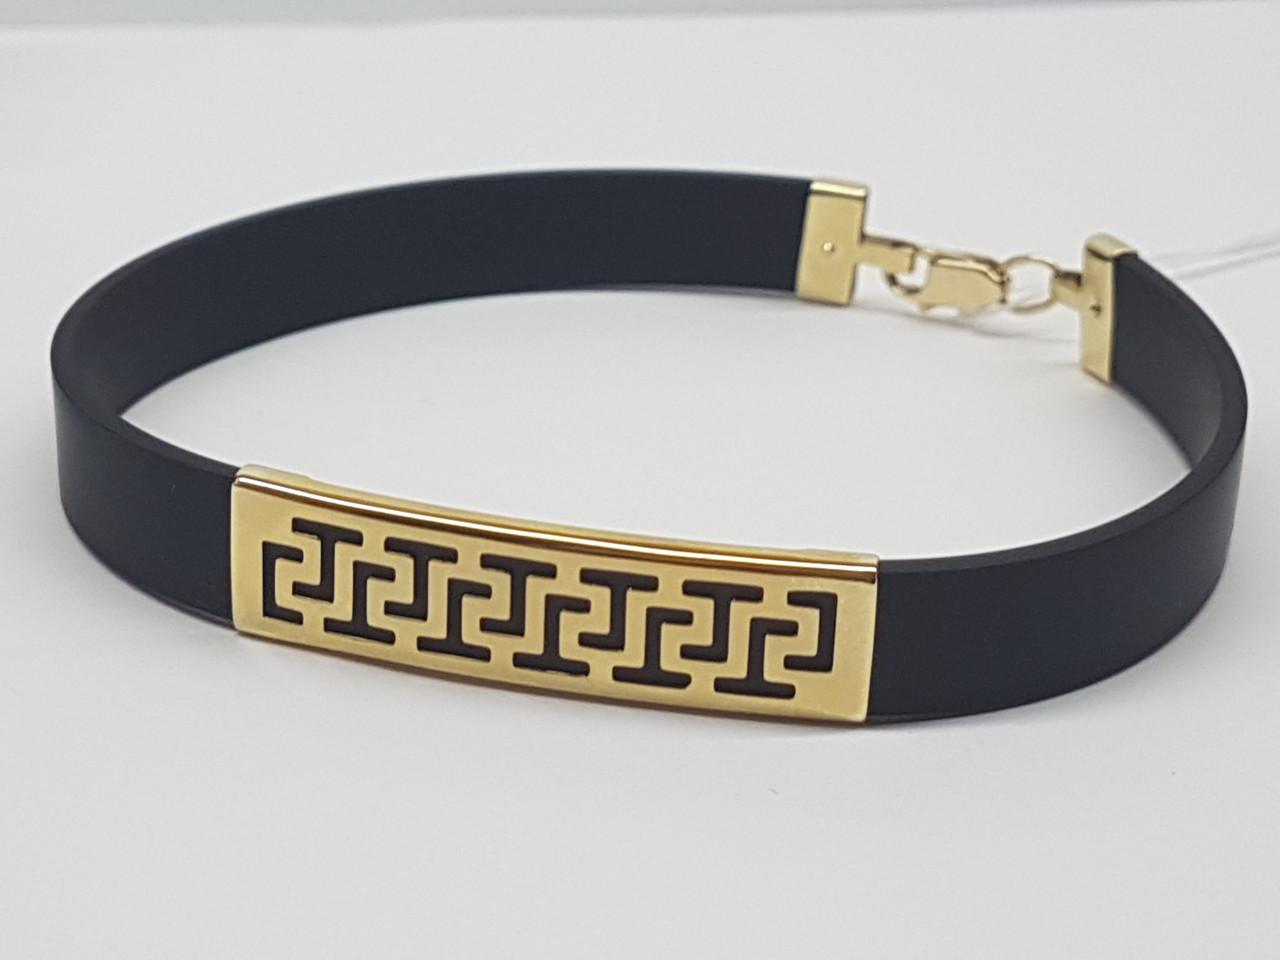 Золотой браслет с каучуком. Артикул 910034М 22